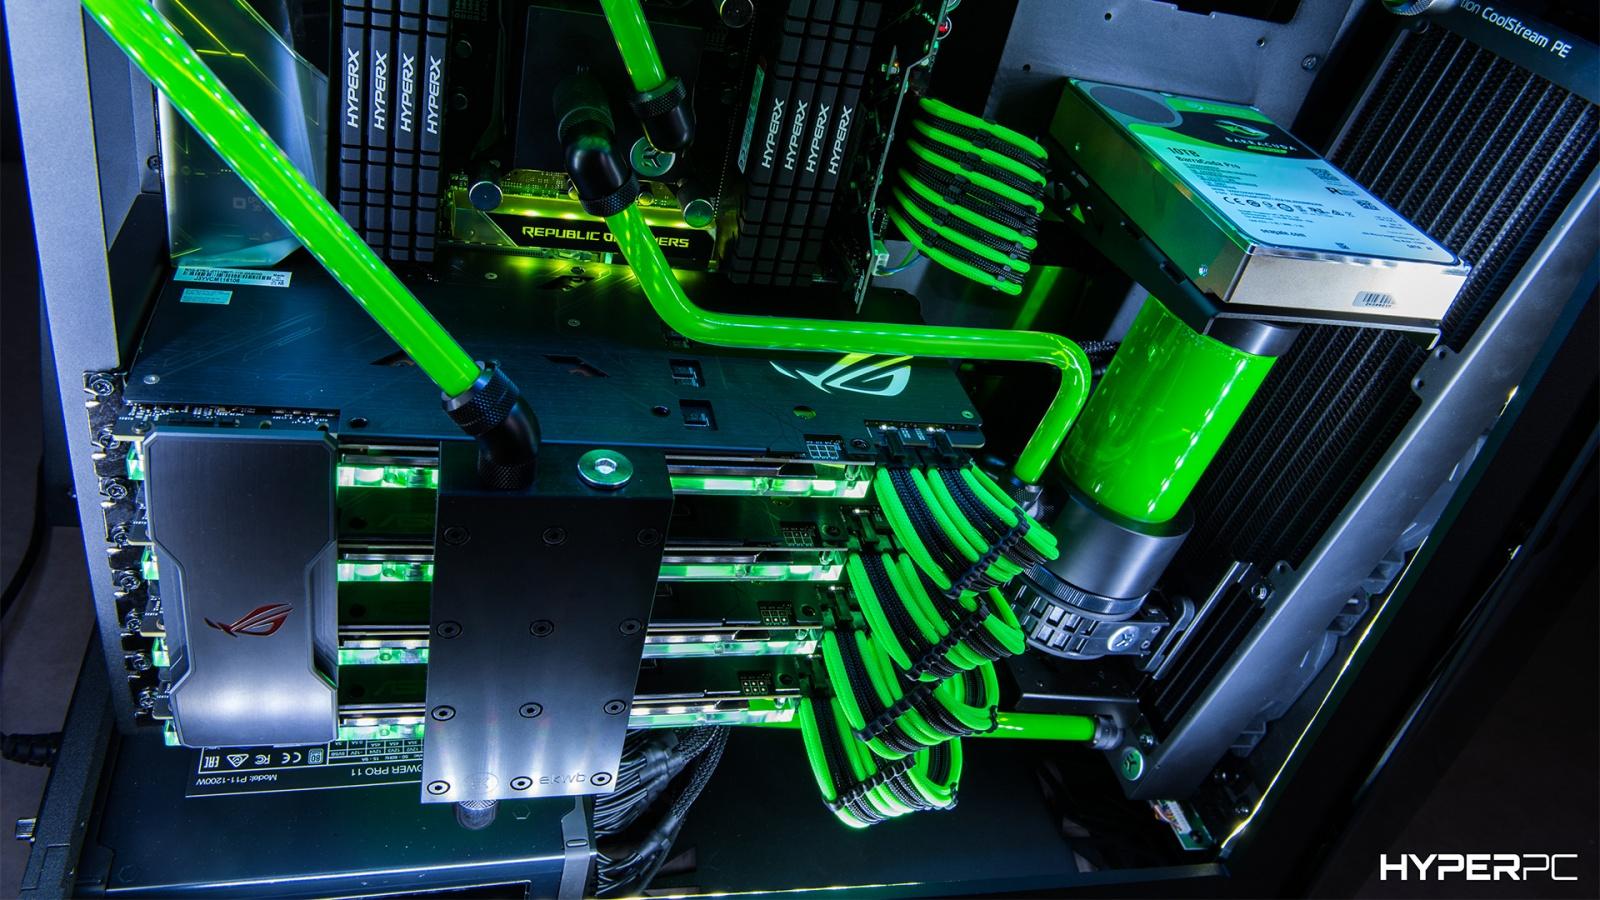 Как производят лучшие компьютеры в России? Интервью с Артёмом Смирновым из HYPERPC - 5